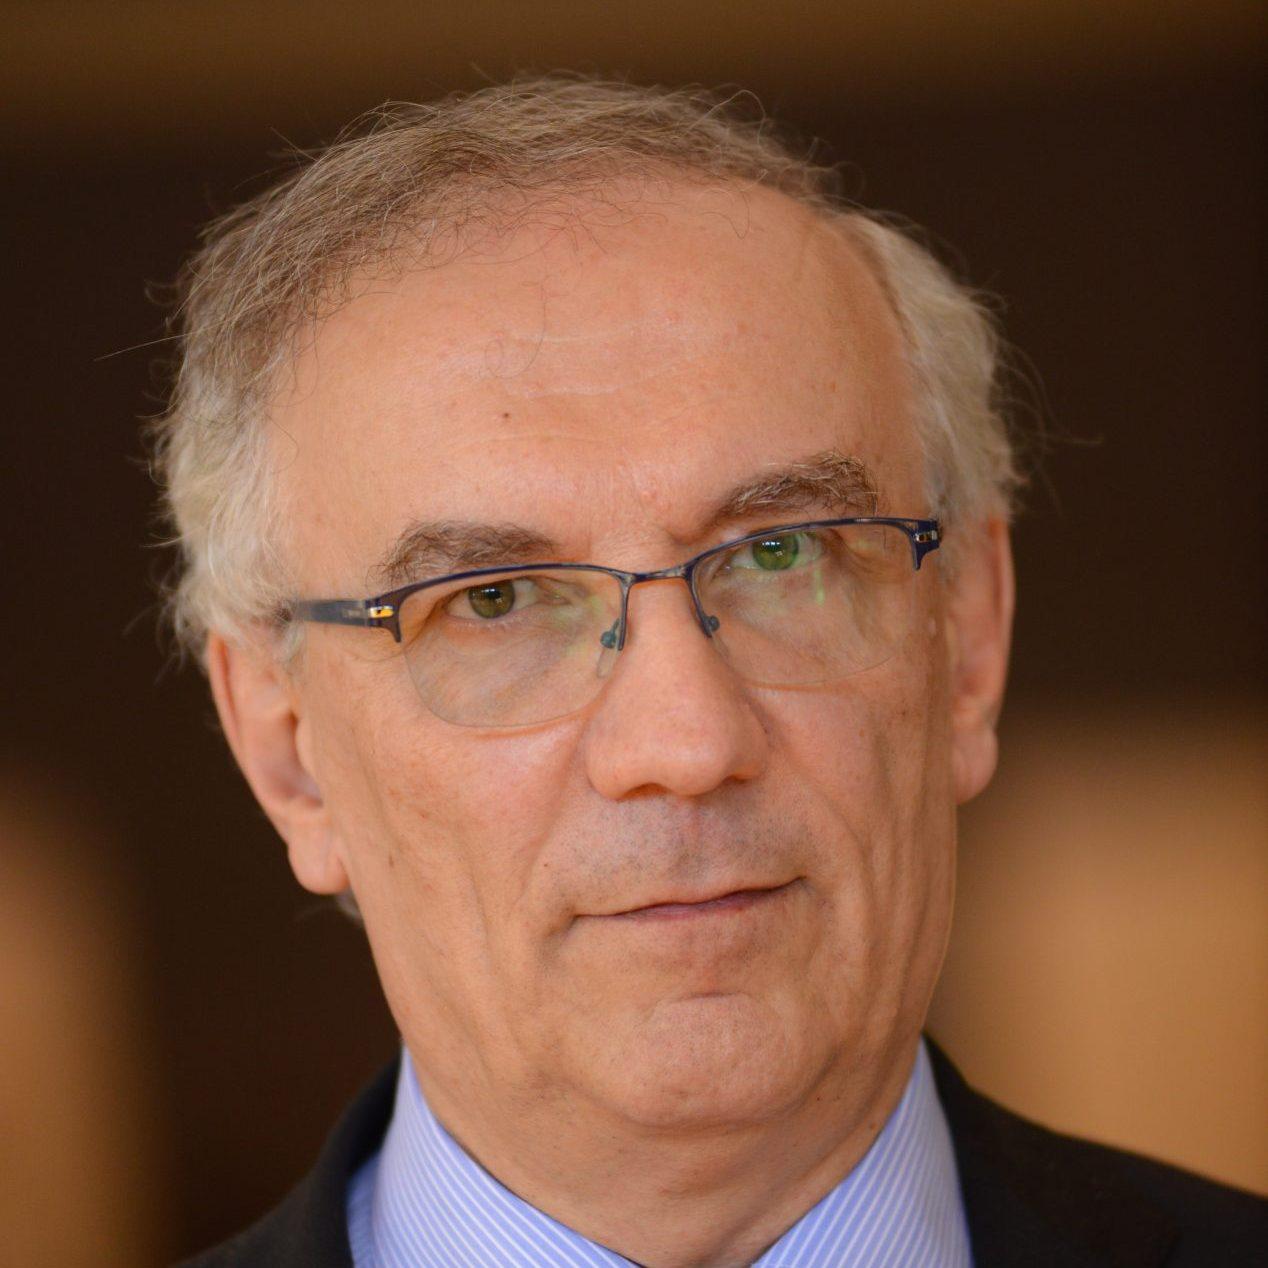 Professor Guido Grassi